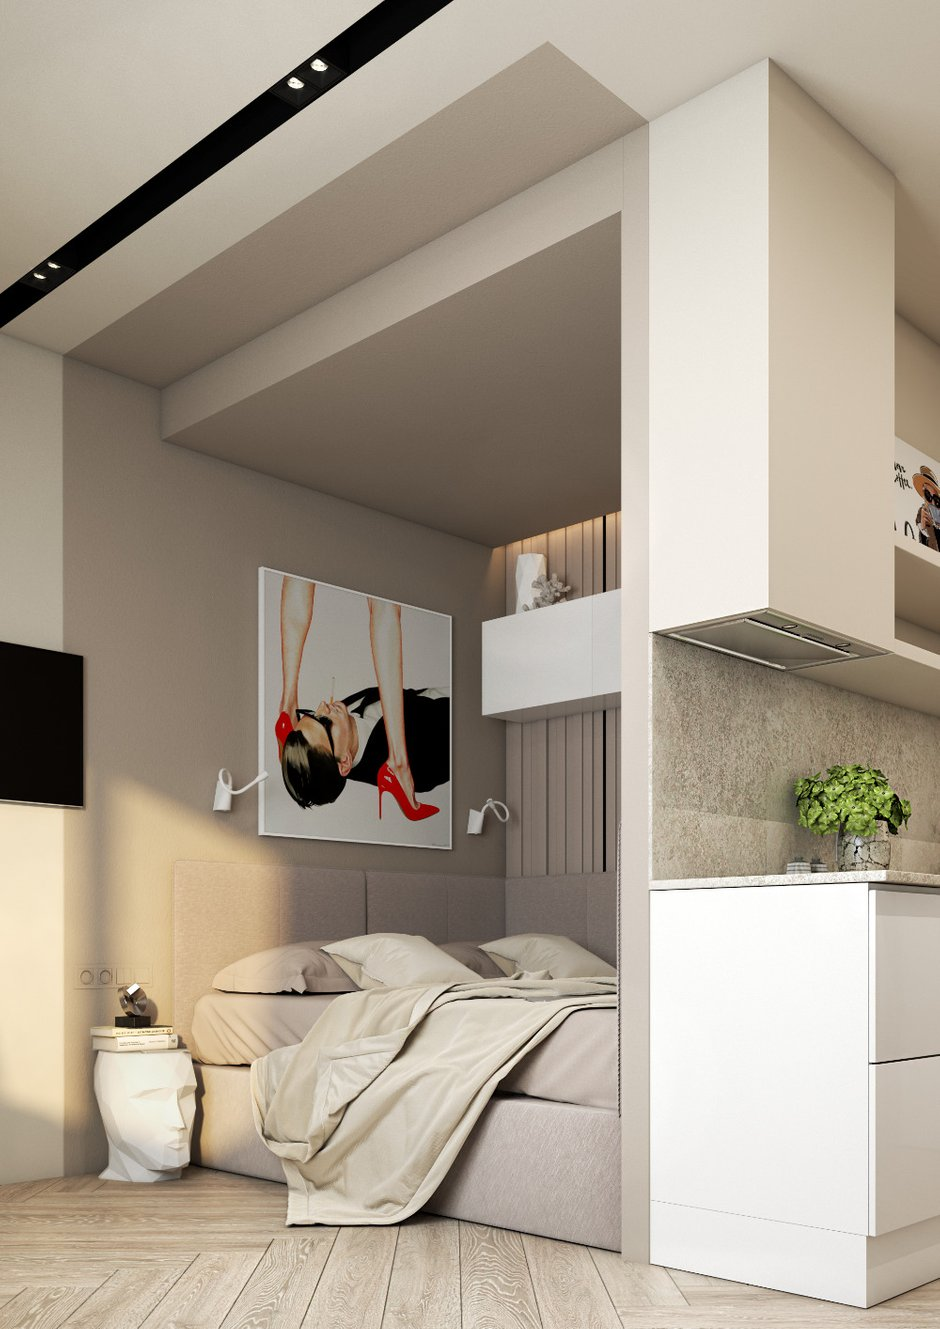 Фотография: Спальня в стиле Современный, Малогабаритная квартира, Квартира, Студия, Проект недели, Москва, до 40 метров, Ольга Катюк – фото на INMYROOM